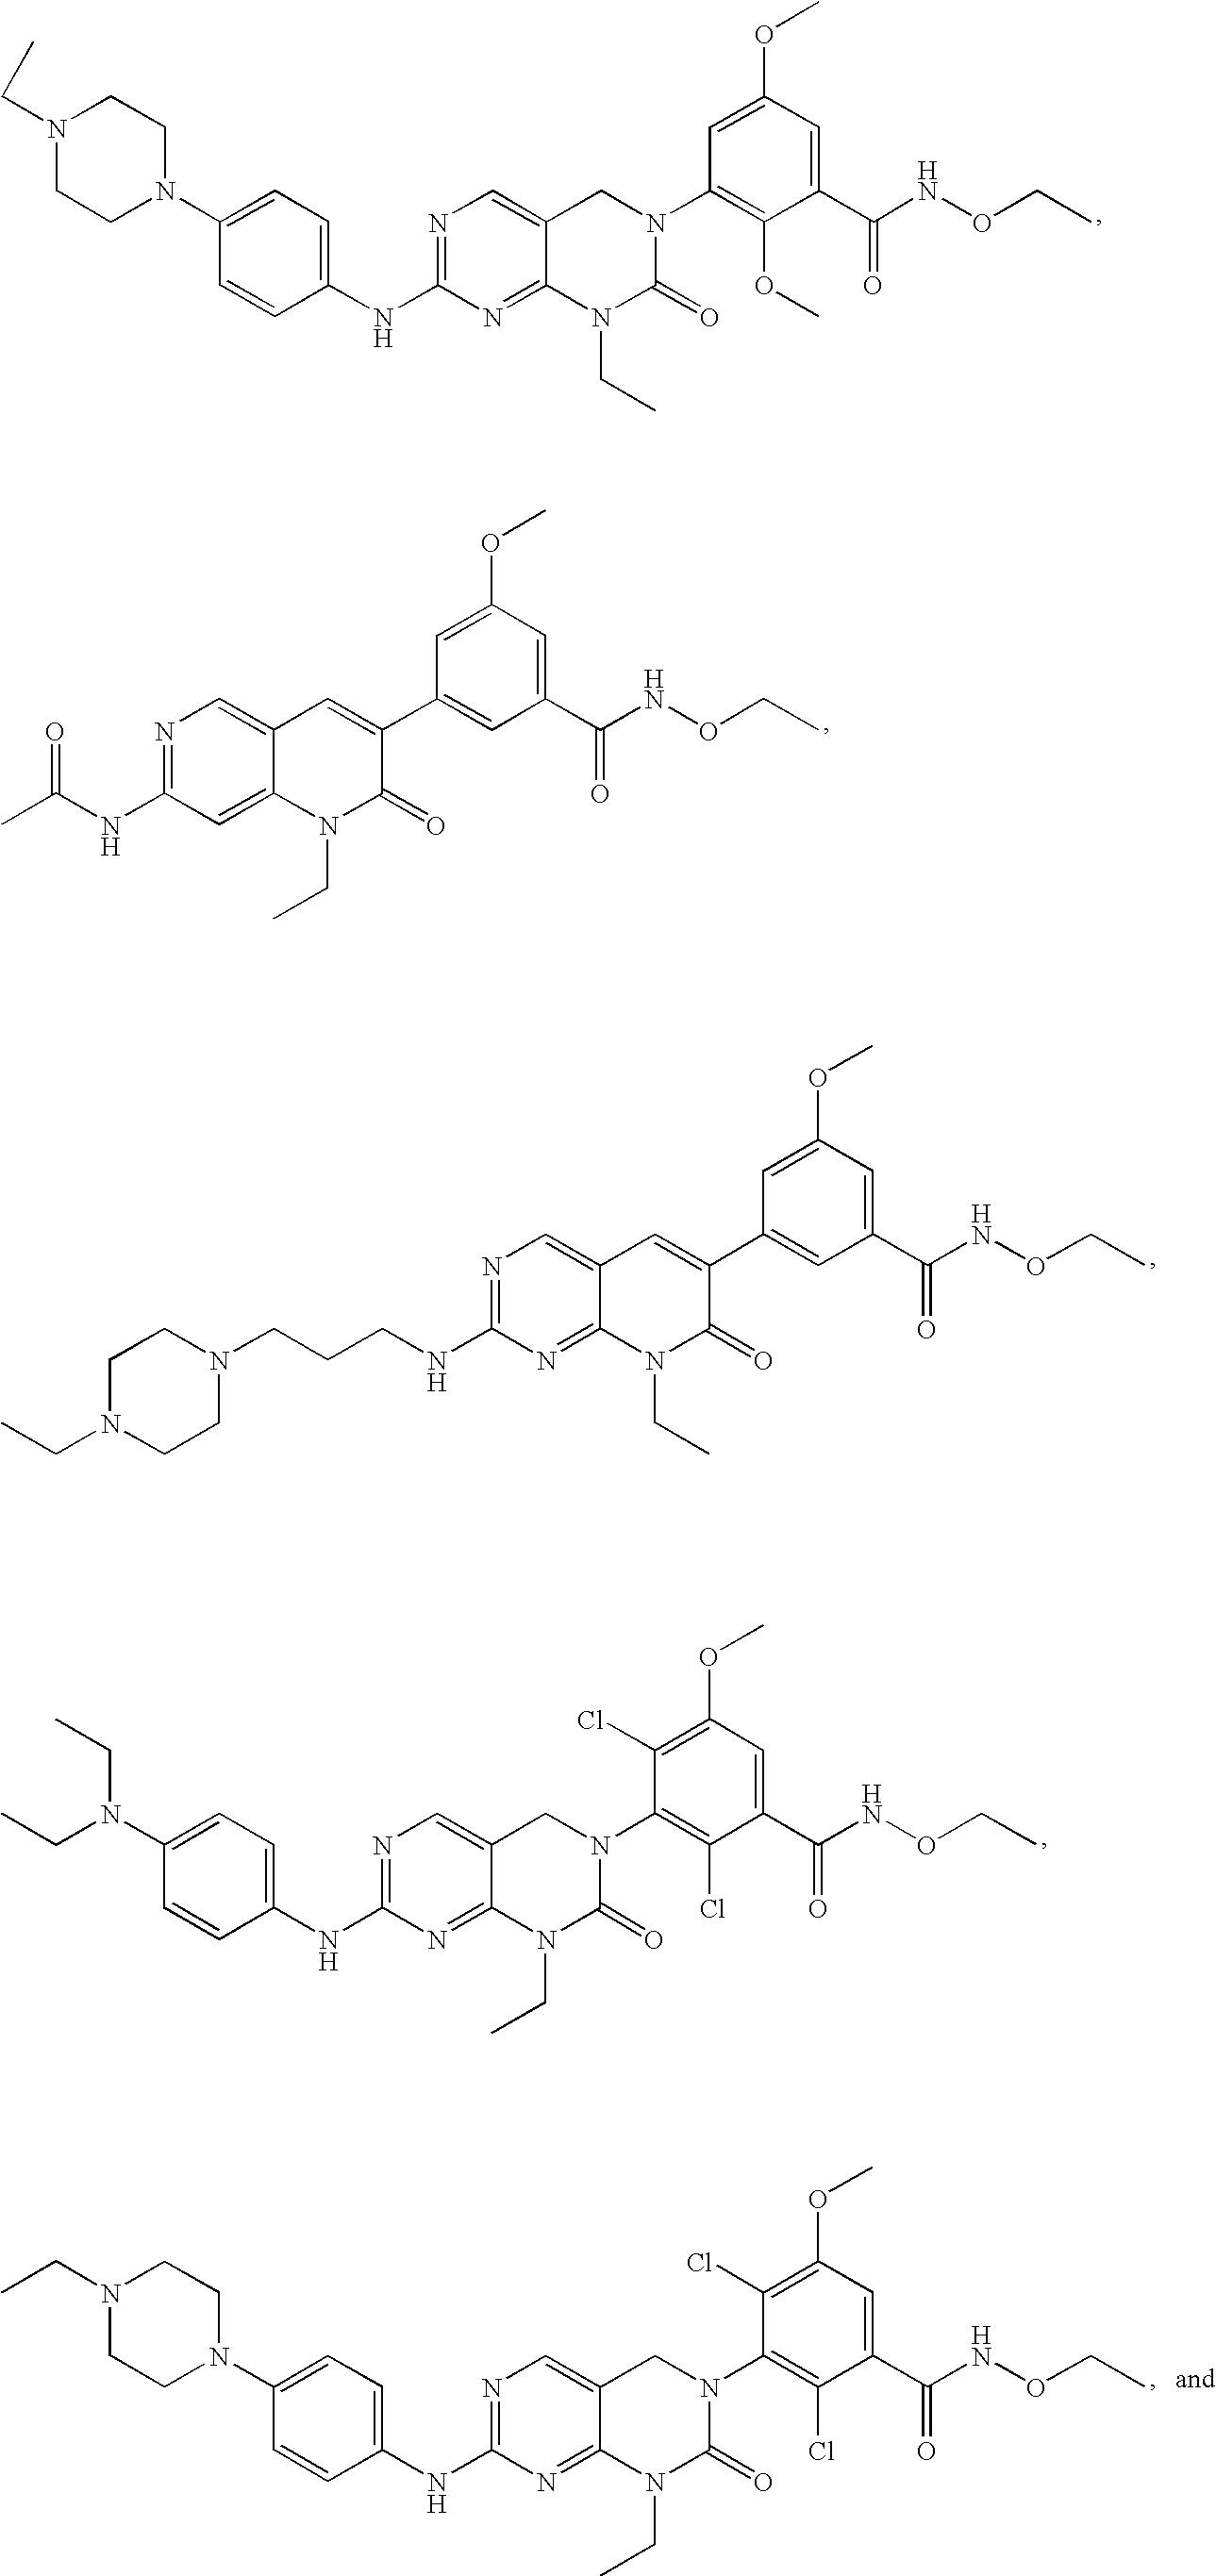 Figure US20090312321A1-20091217-C00011